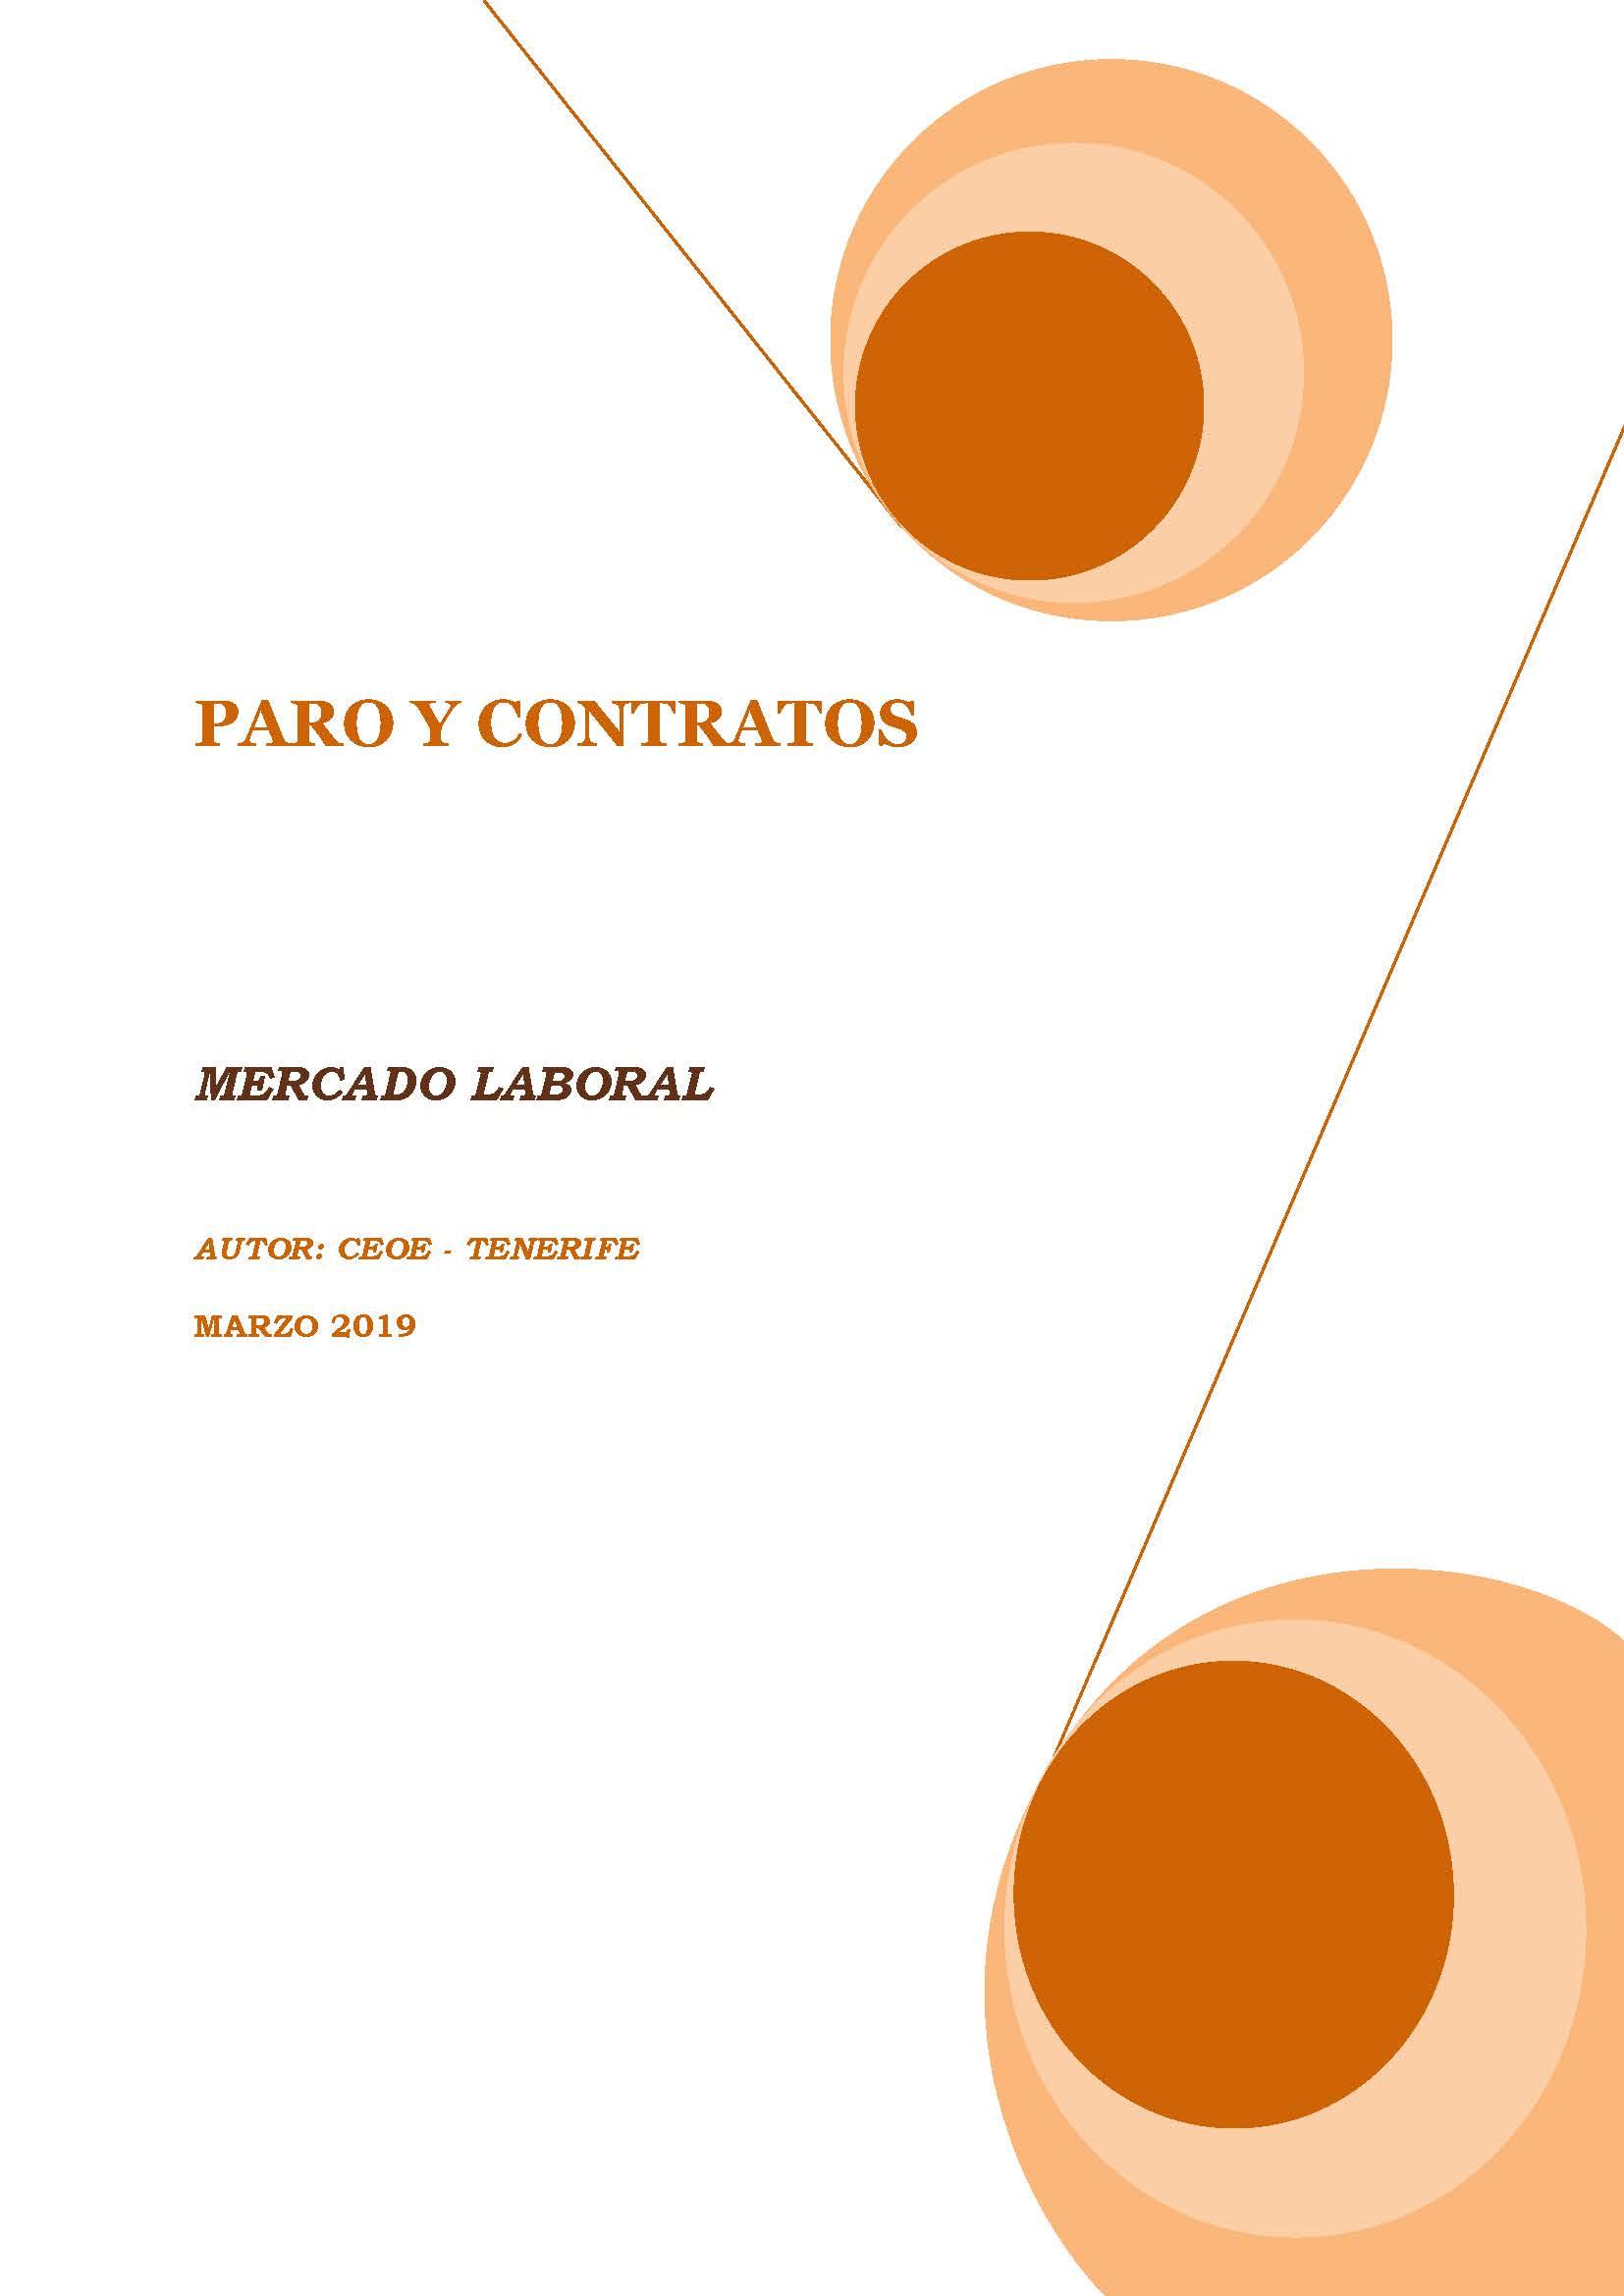 MERCADO LABORAL - PARO Y CONTRATOS MARZO 2019